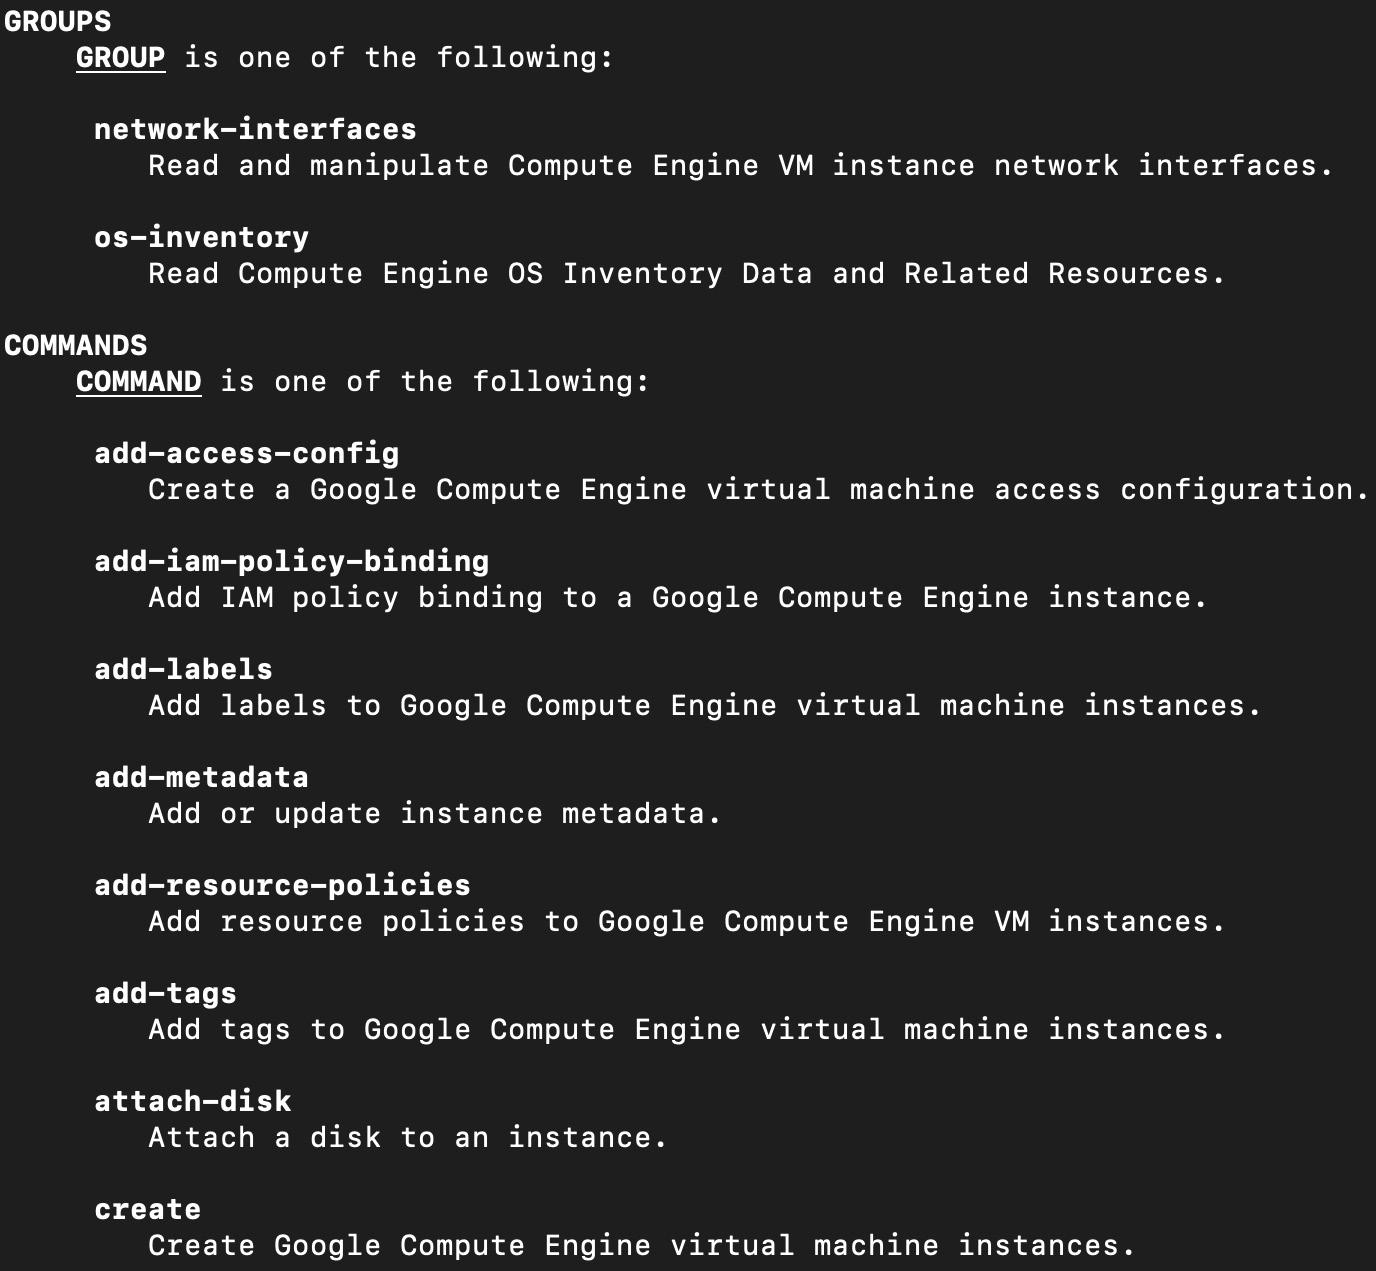 Figure 1.6 – gcloud help command output for compute instances